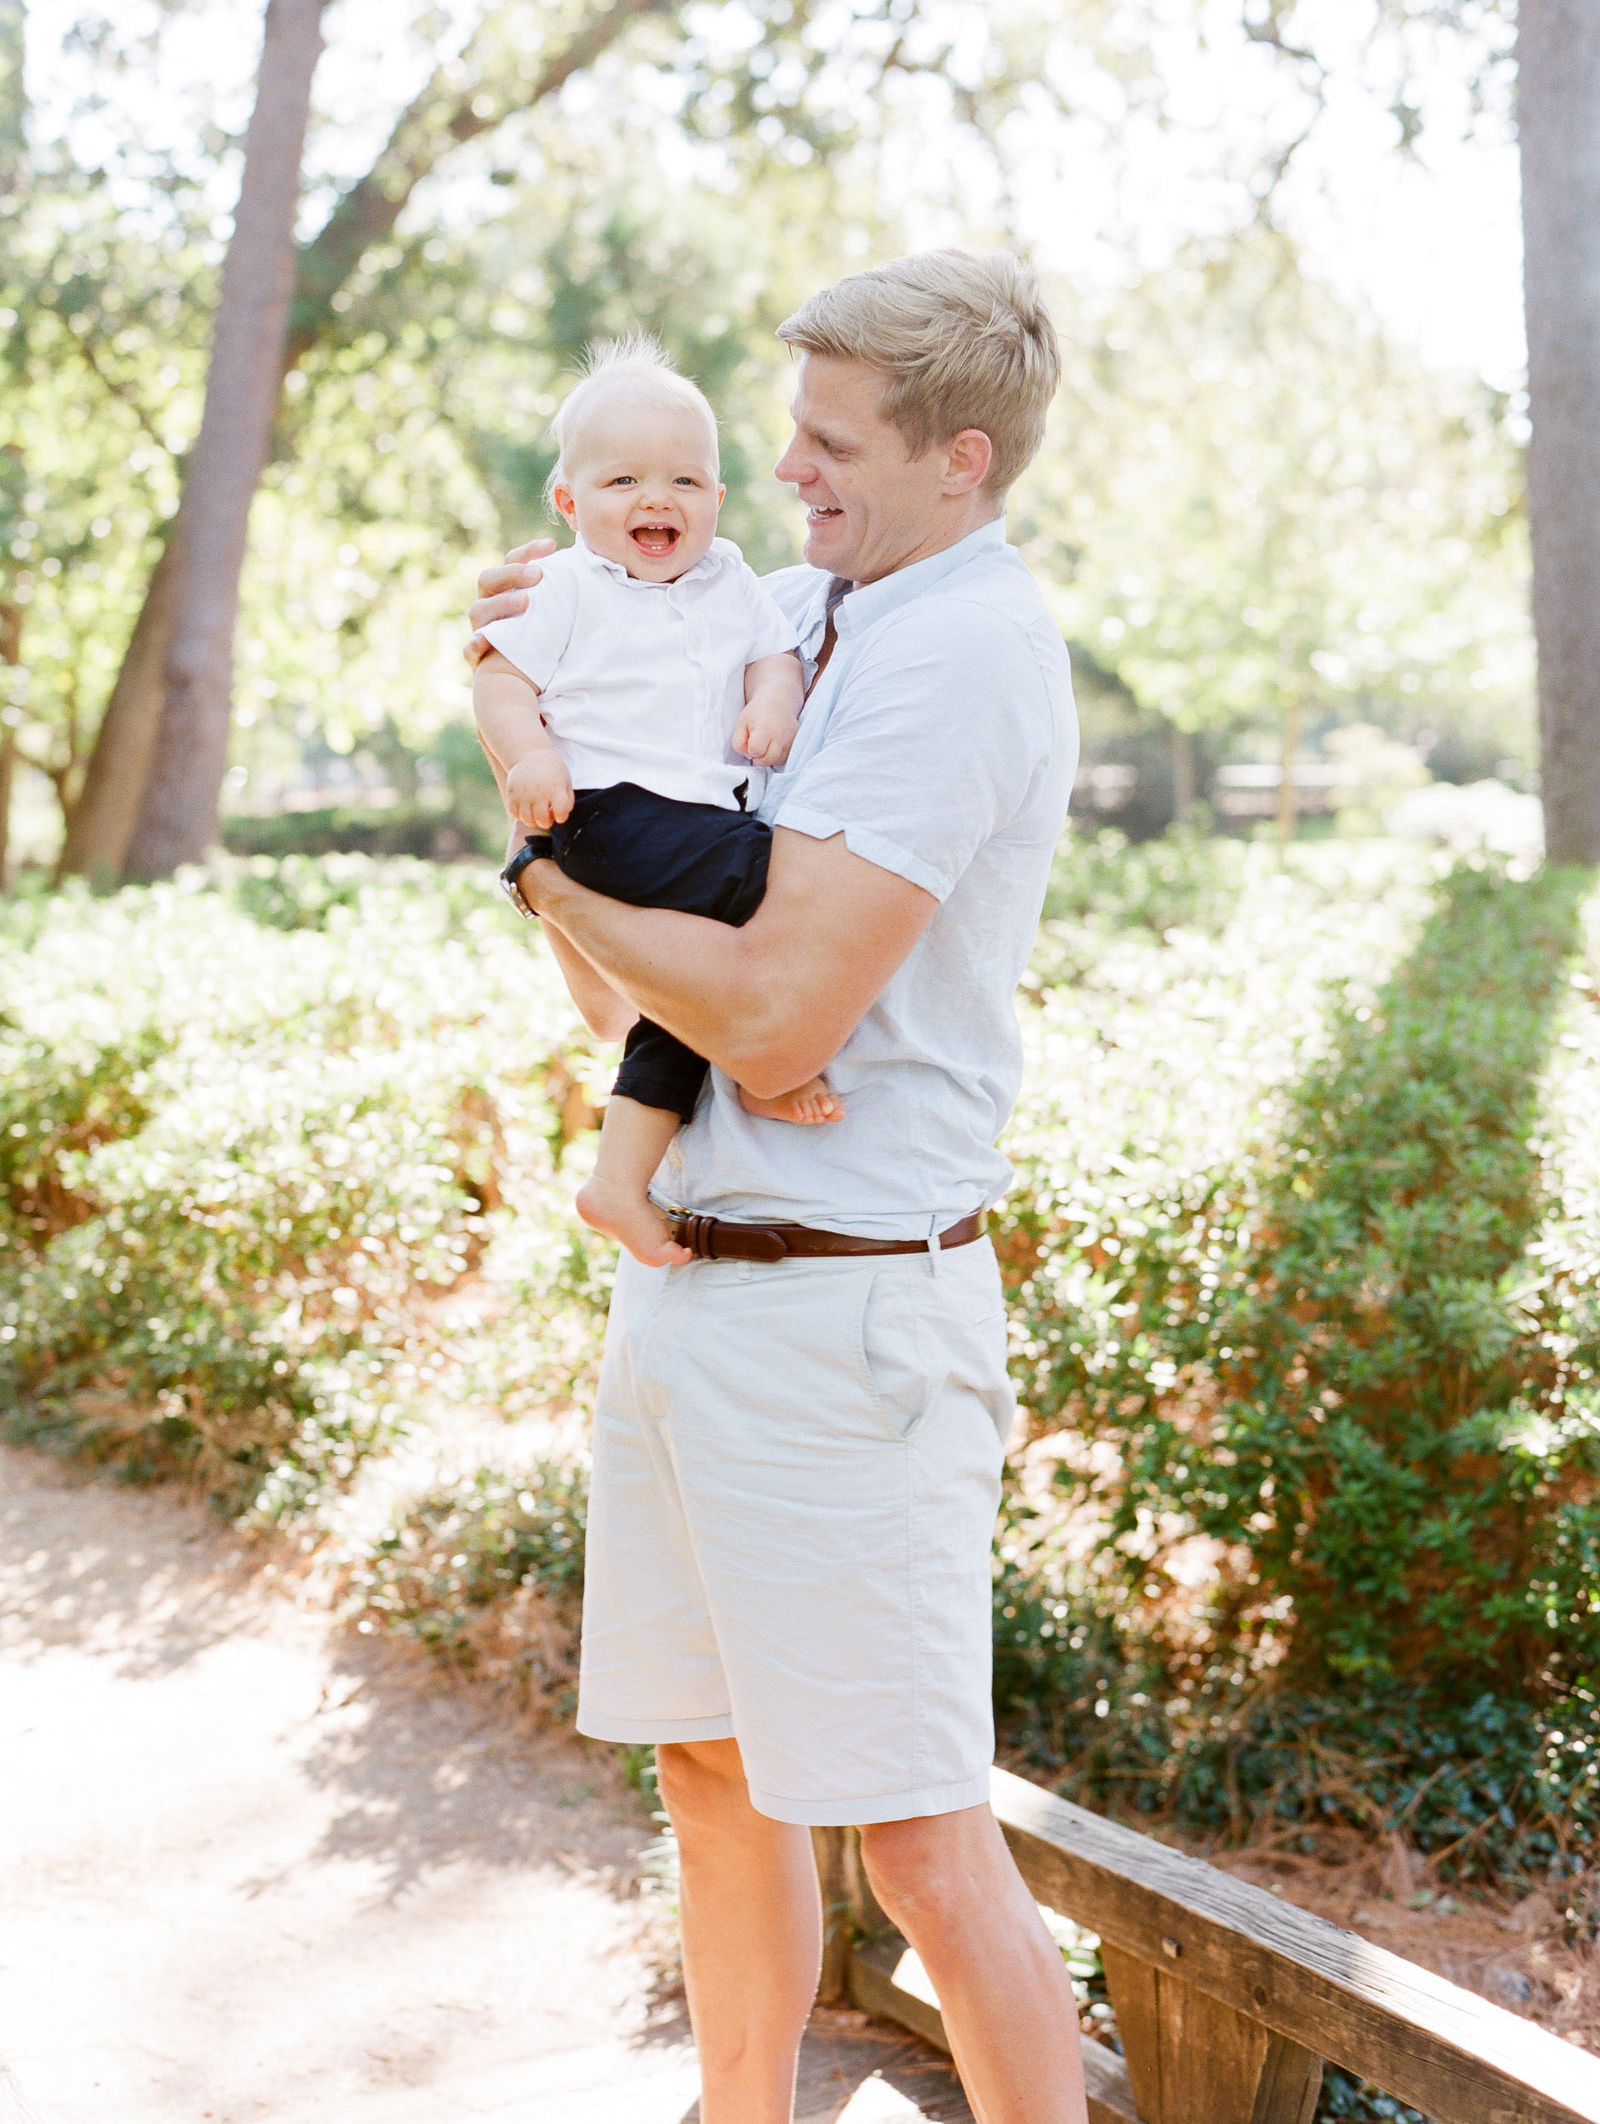 0066_0097-Houston-Family-Children-Baby-Photographers.jpg